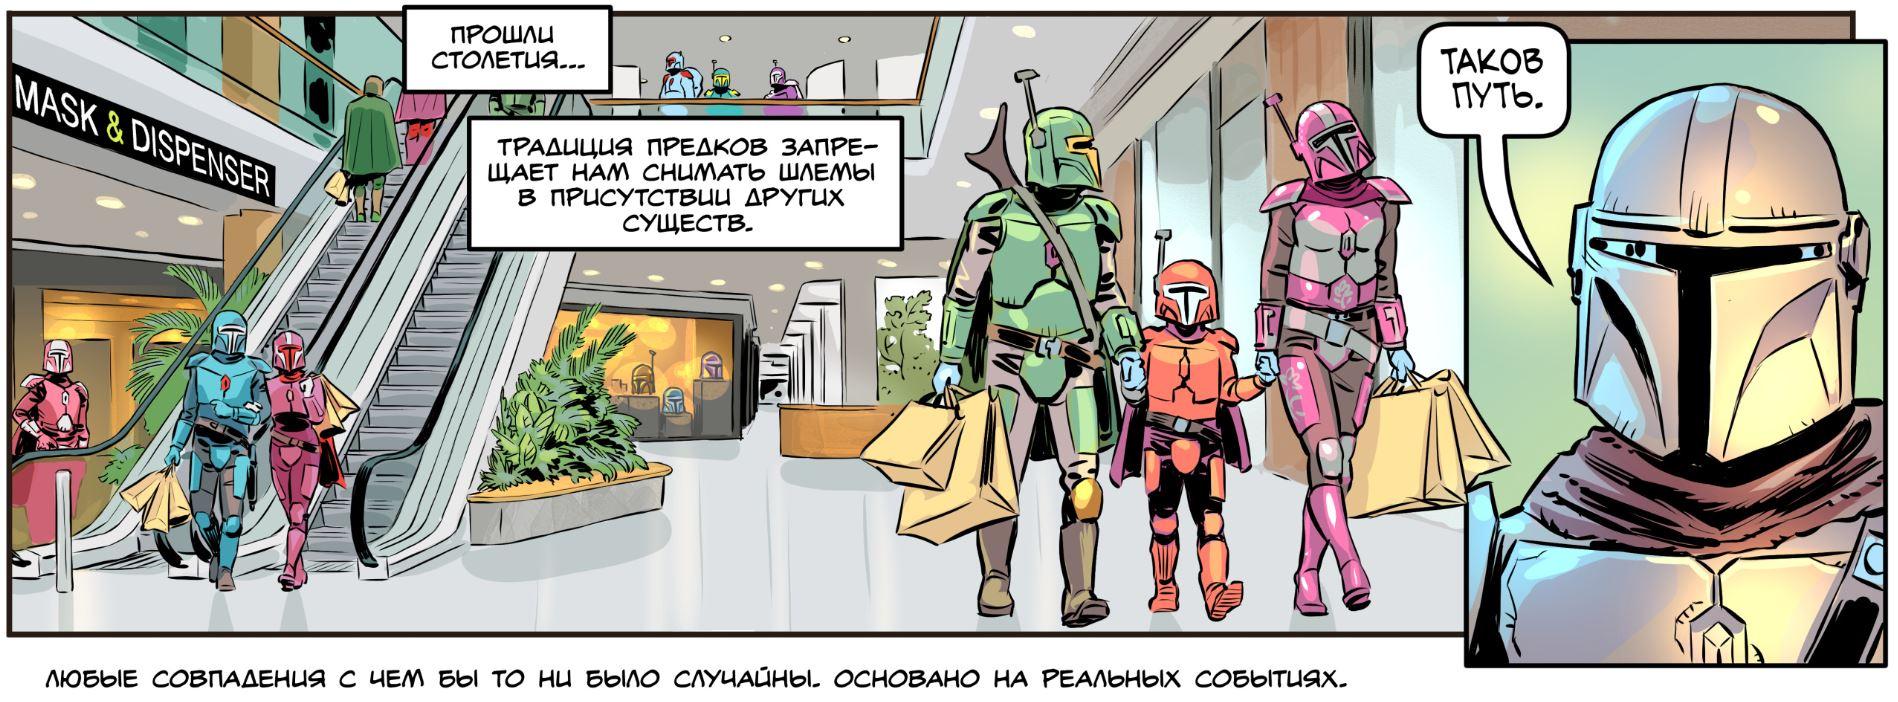 Комикс: эволюция 3